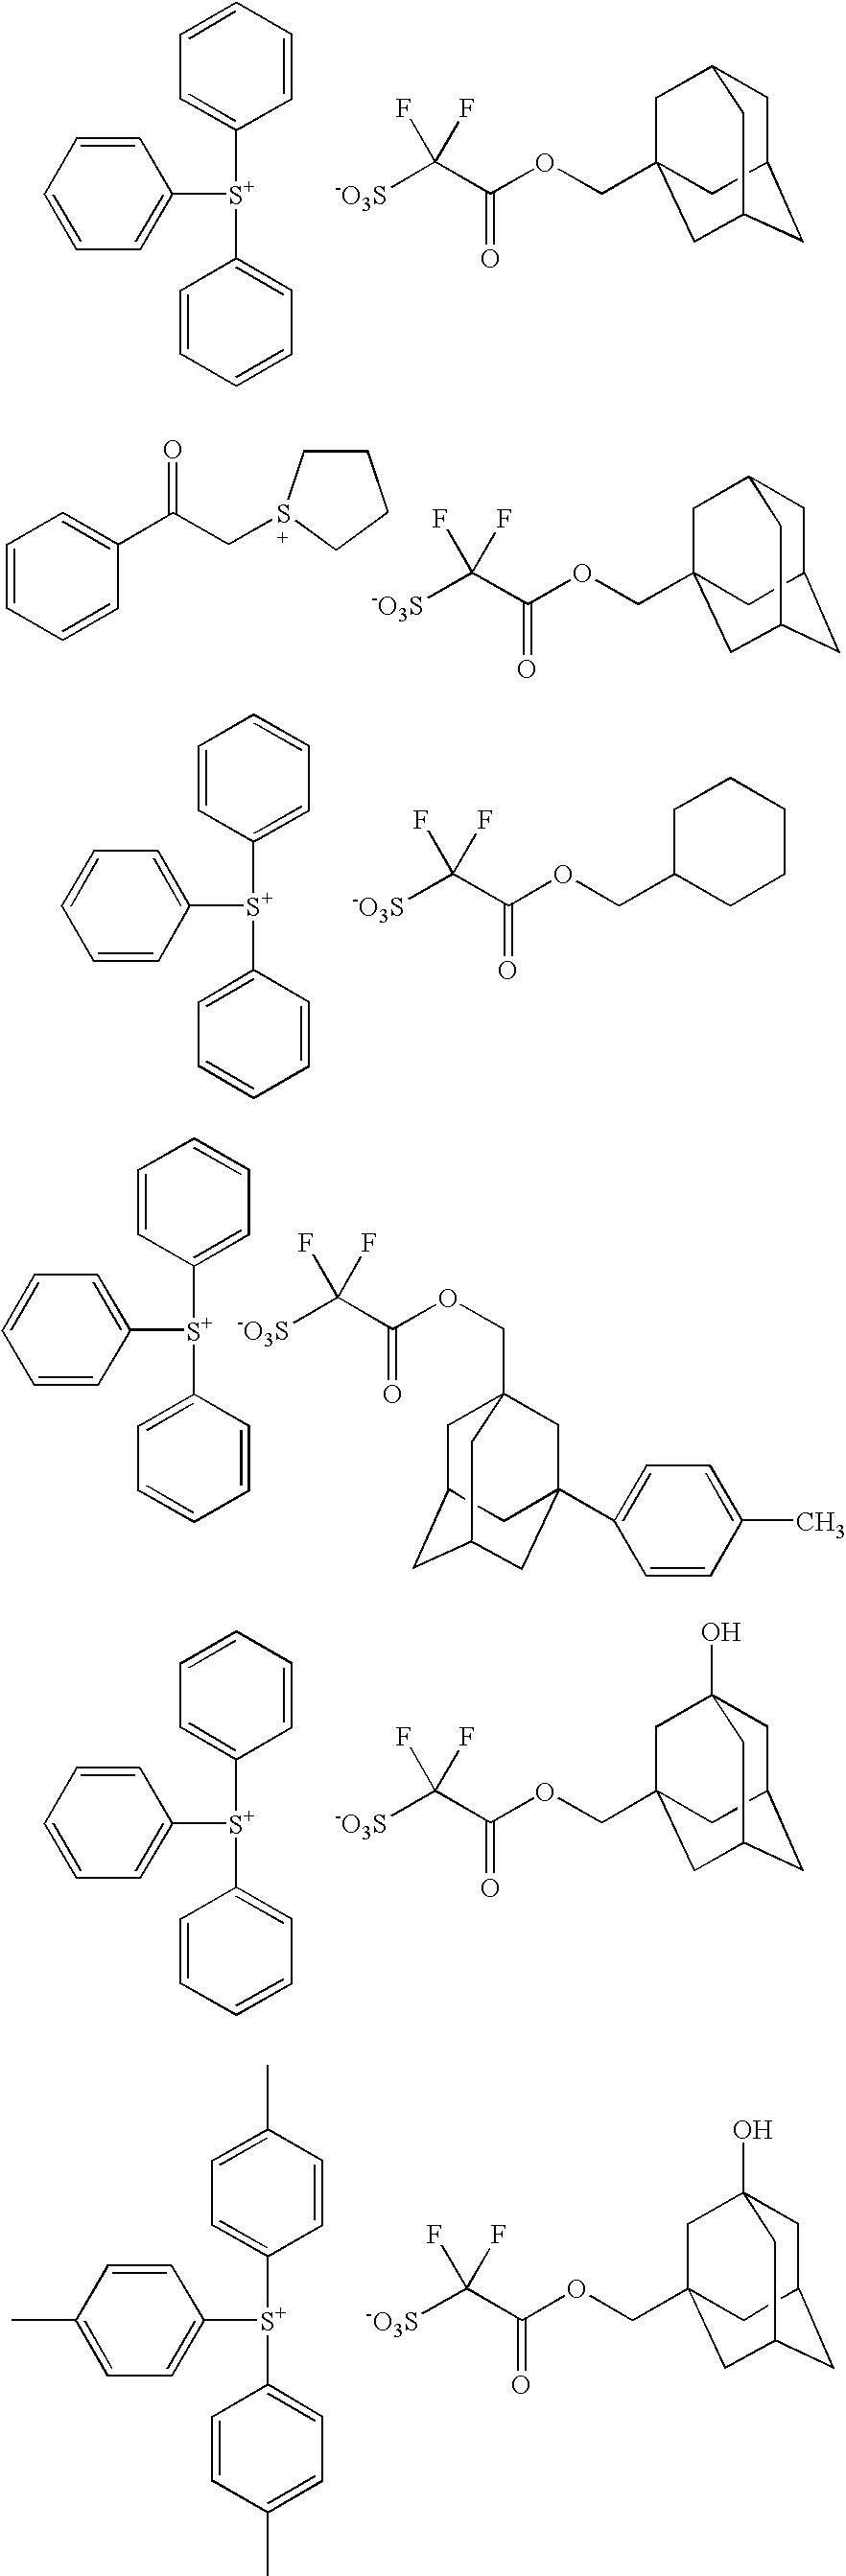 Figure US20100323296A1-20101223-C00148